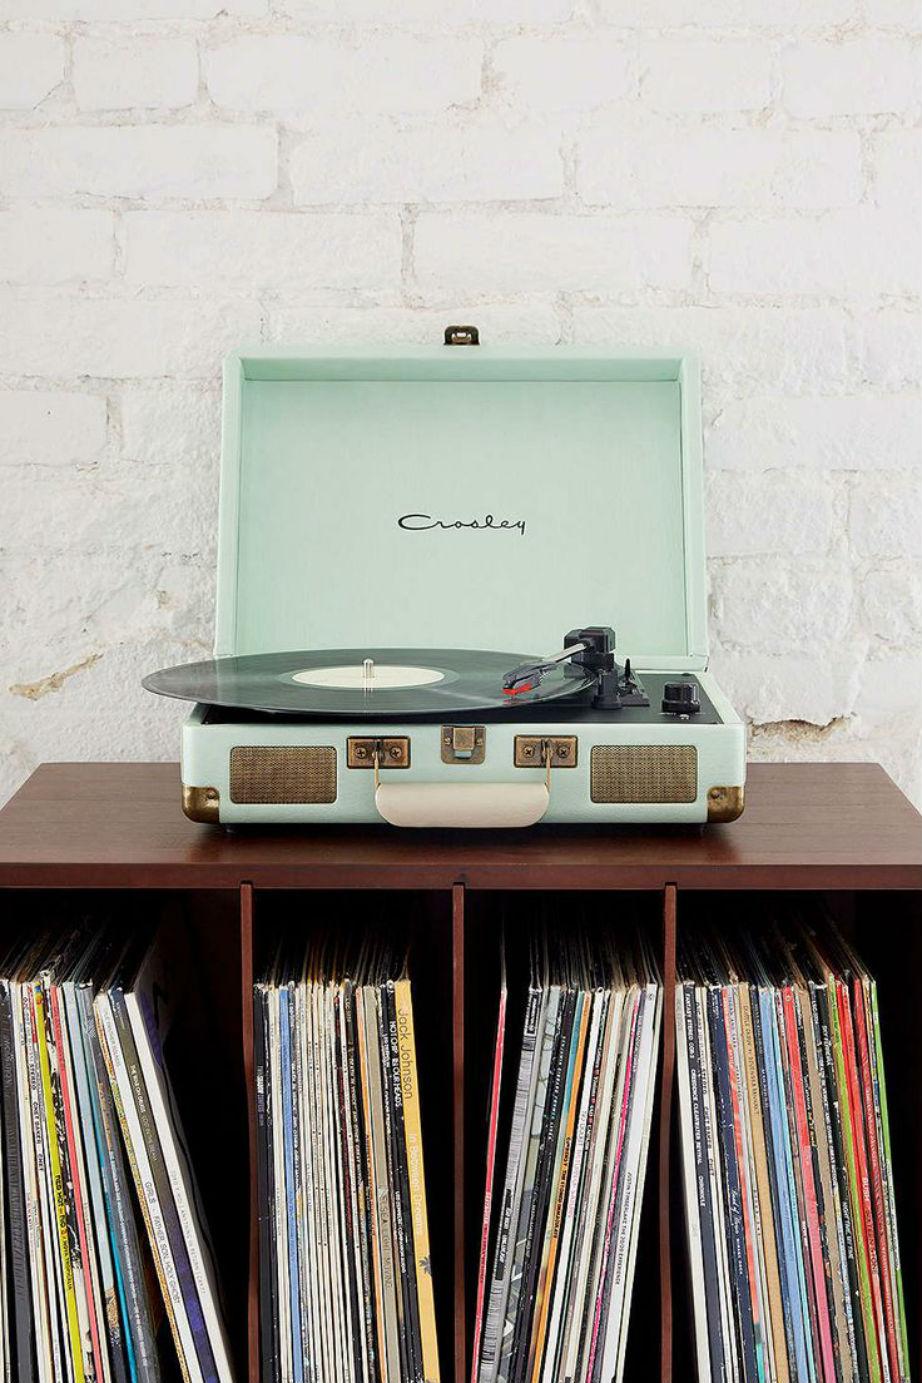 Ναι, οι παλιοί σας δίσκοι μπορεί να κάνουν το σπίτι σας πιο όμορφο και στιλάτο!